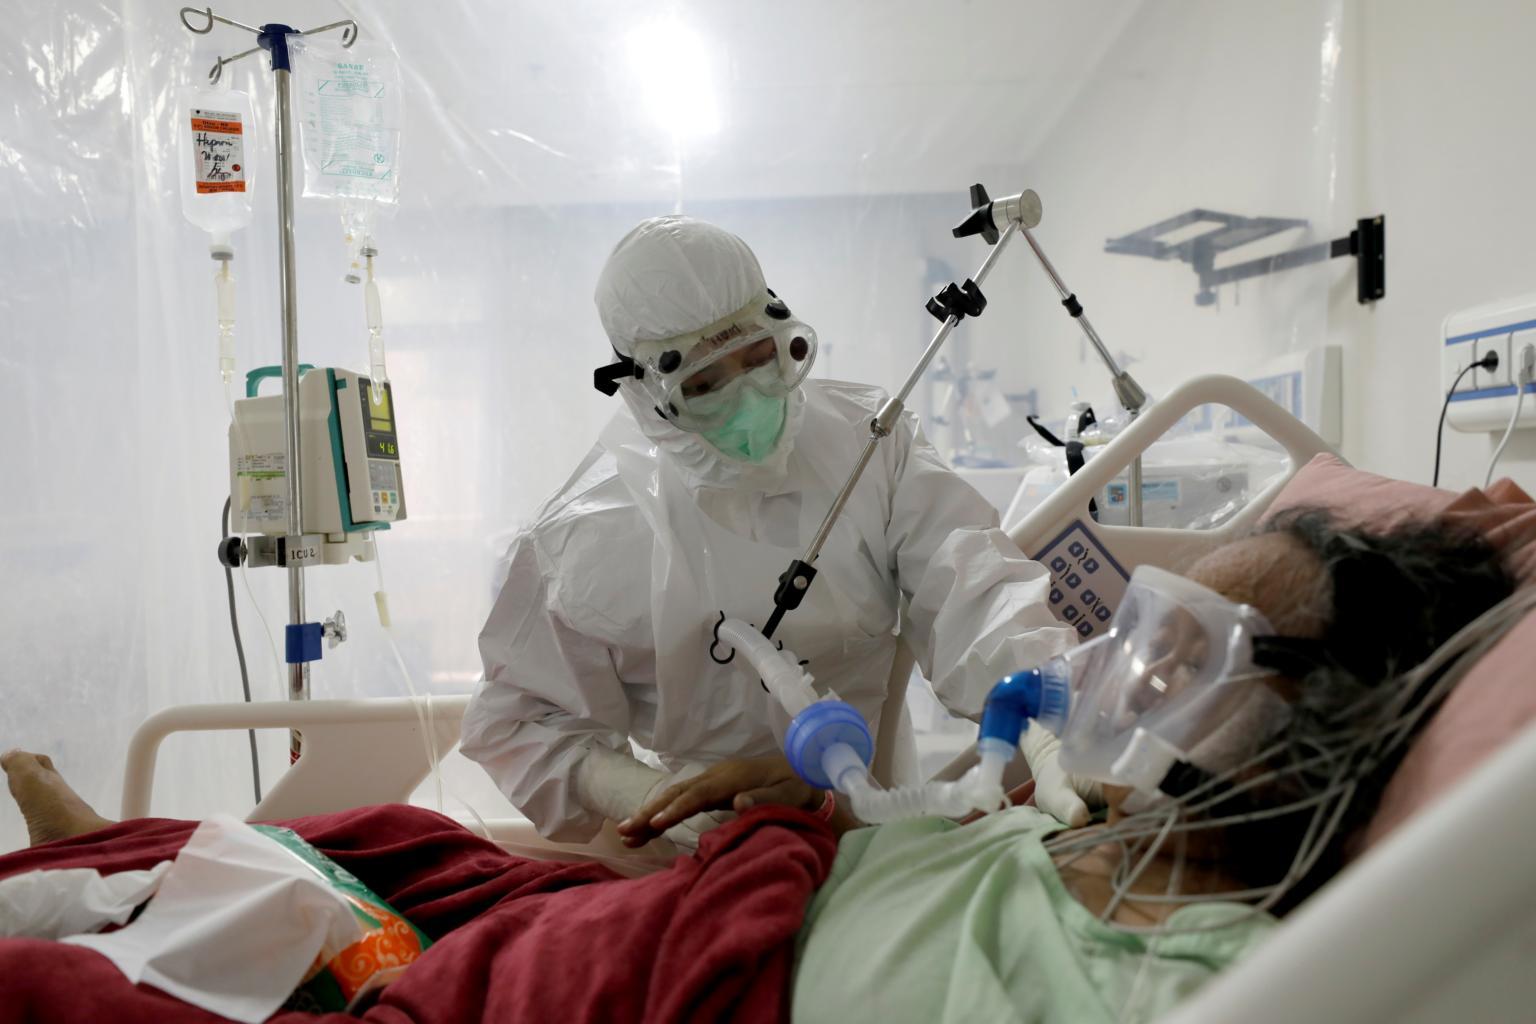 Hệ thống chăm sóc sức khỏe mong manh của Indonesia đang đứng trên bờ vực của sự sụp đổ. ẢNH: REUTERS